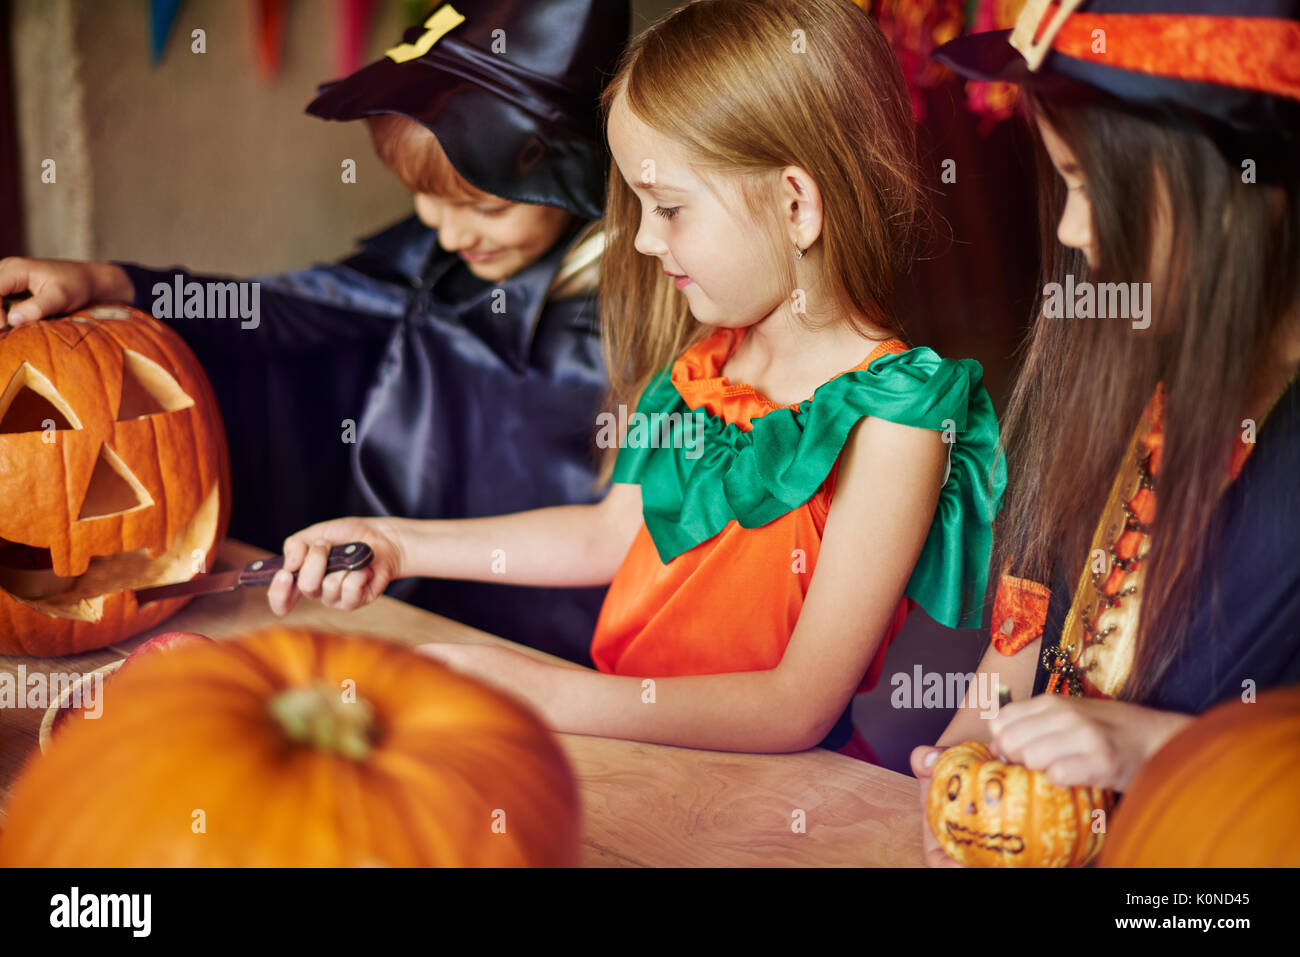 Schwerpunkt Kinder Carving einige Formen auf dem Kürbis Stockfoto